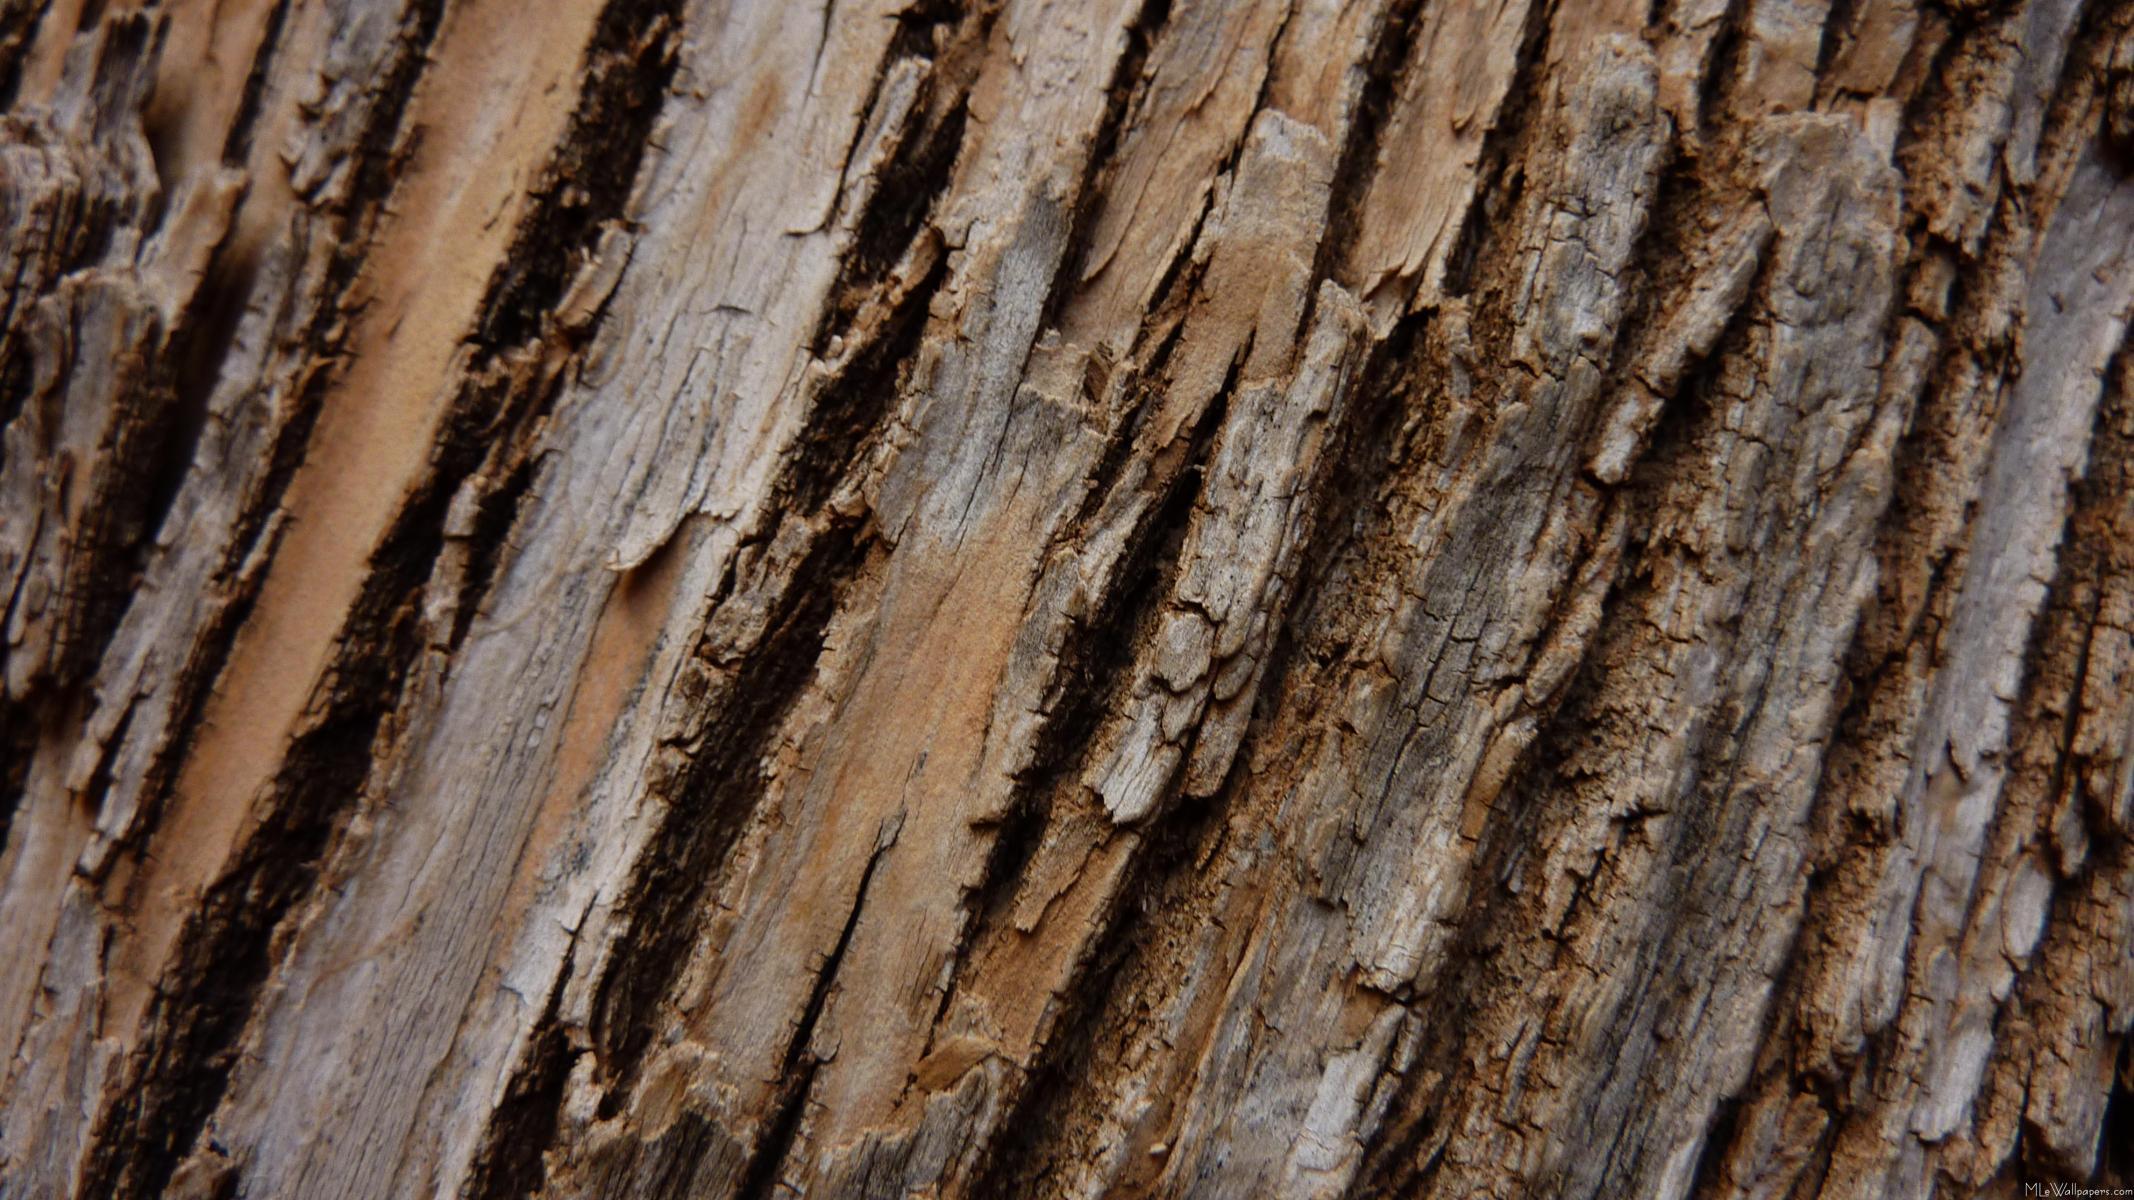 Tree Bark I 2134x1200